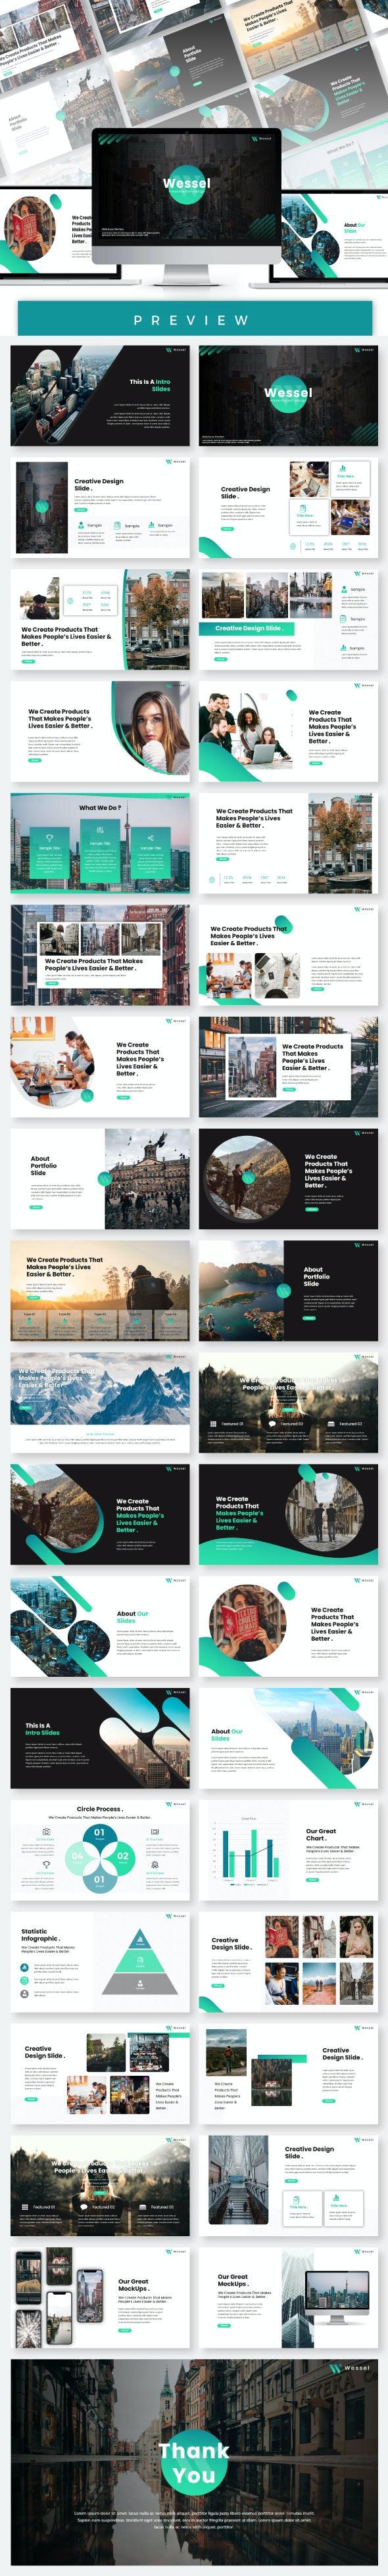 Wessel Google Slides Templates - Google Slides Presentation Templates